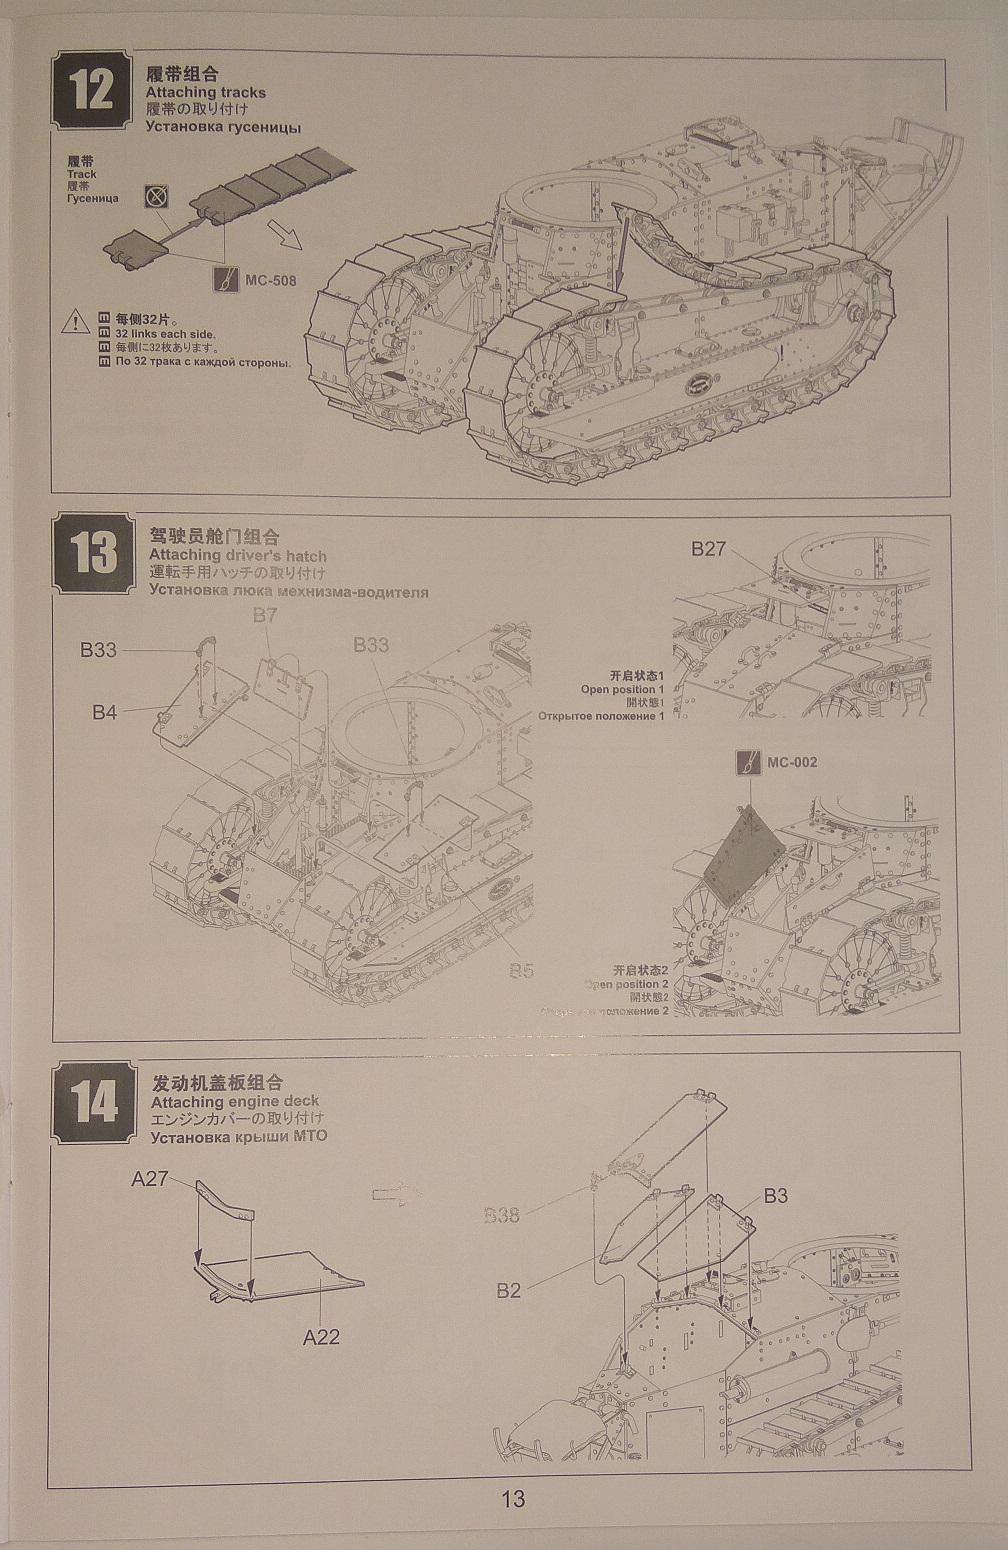 обзор лёгкий танк РЕНО FT-17 1:35 MENG TS-011 1410